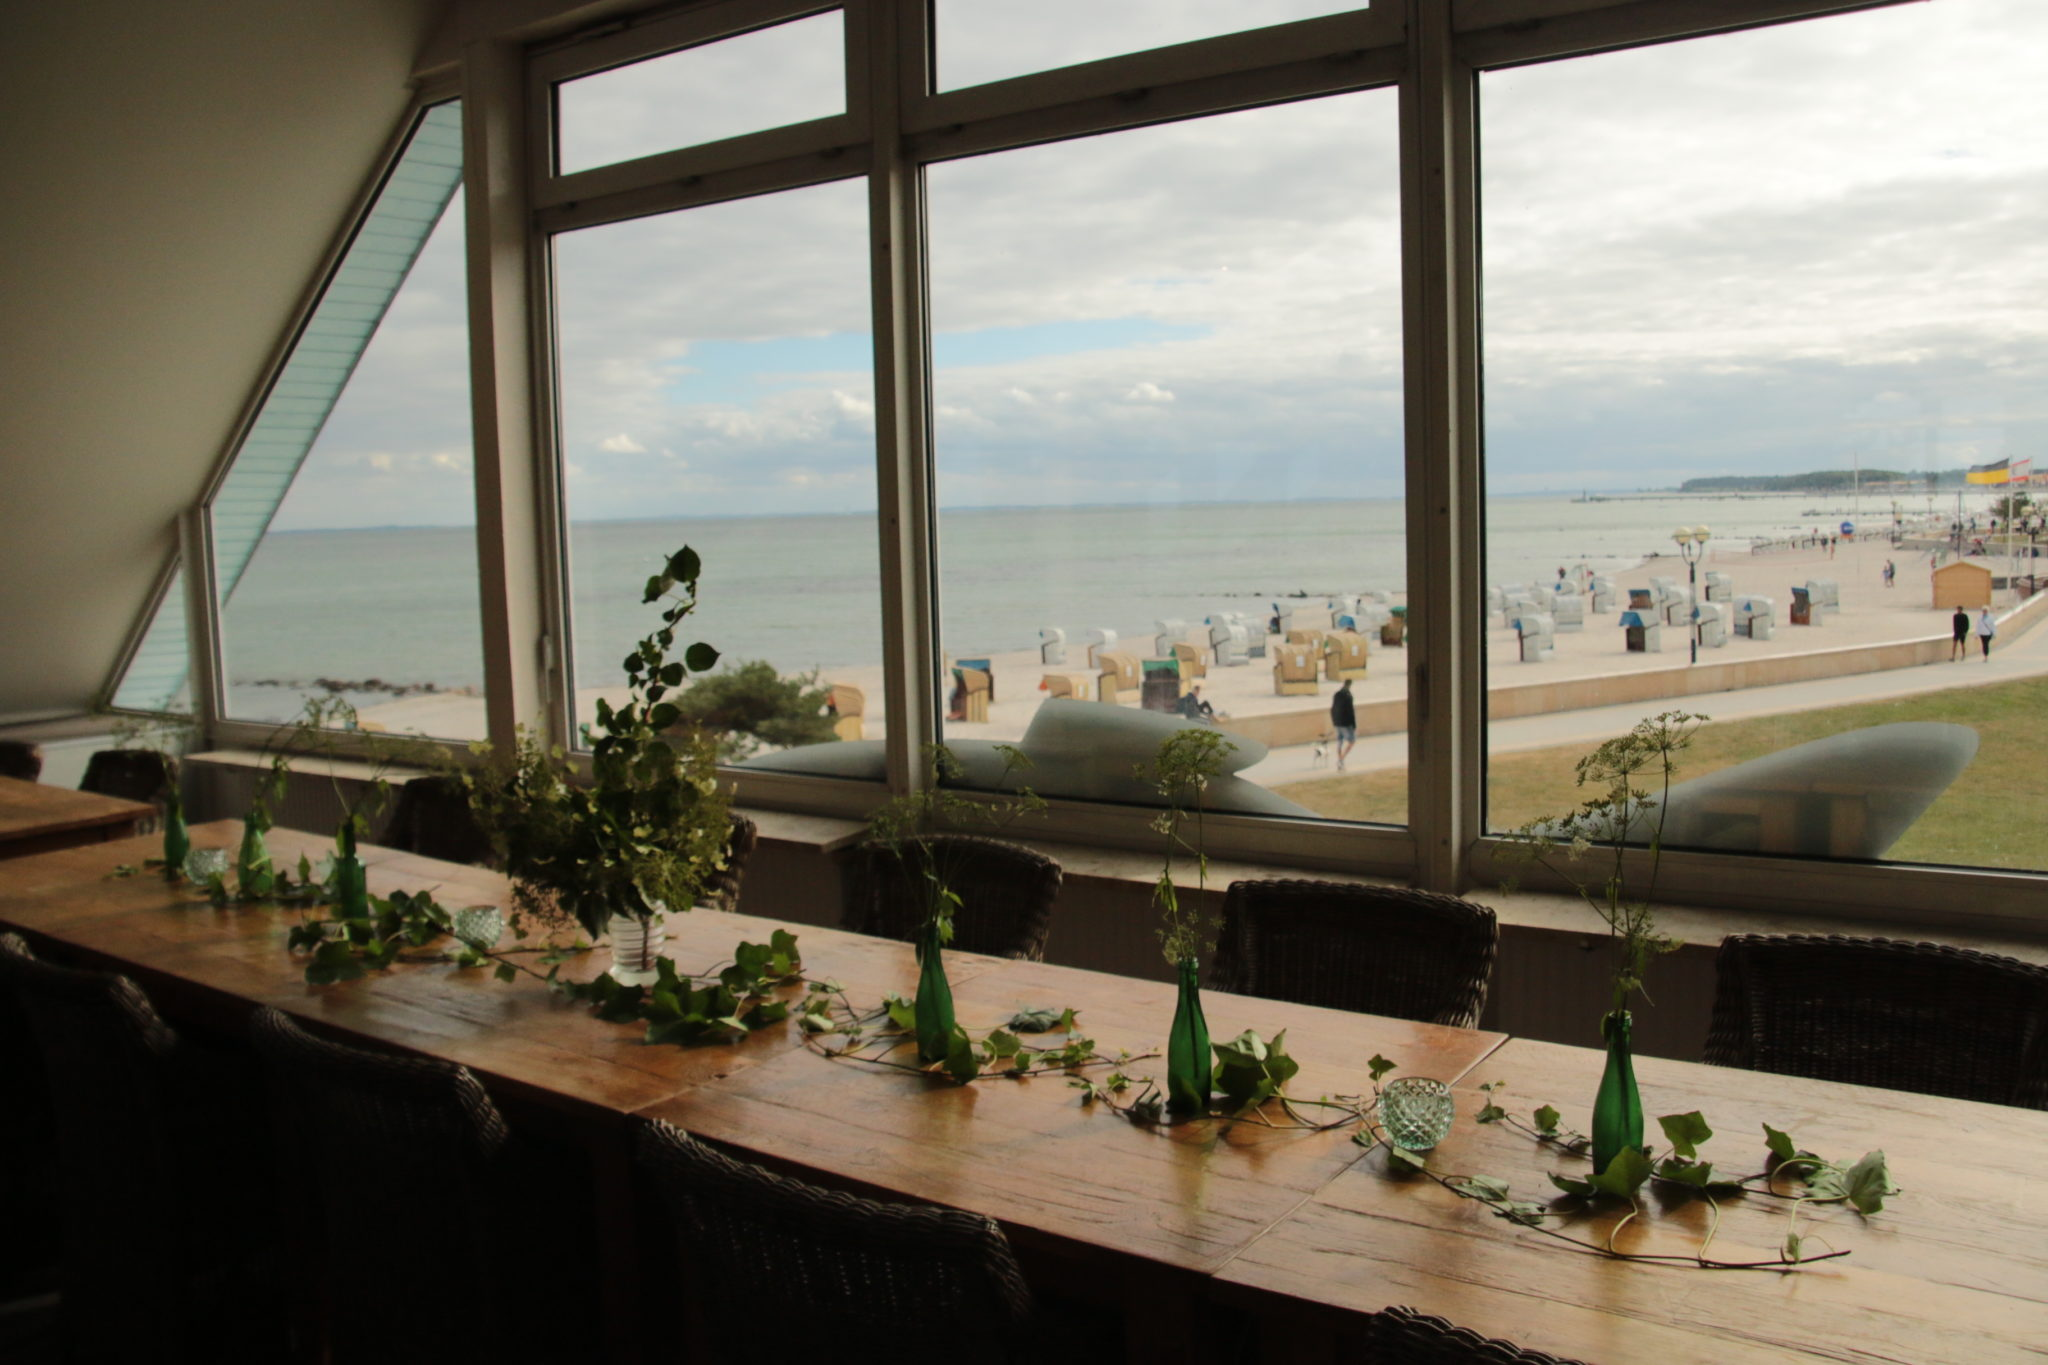 Trauung Am Strand Auch In Deutschland Ein Erlebnis